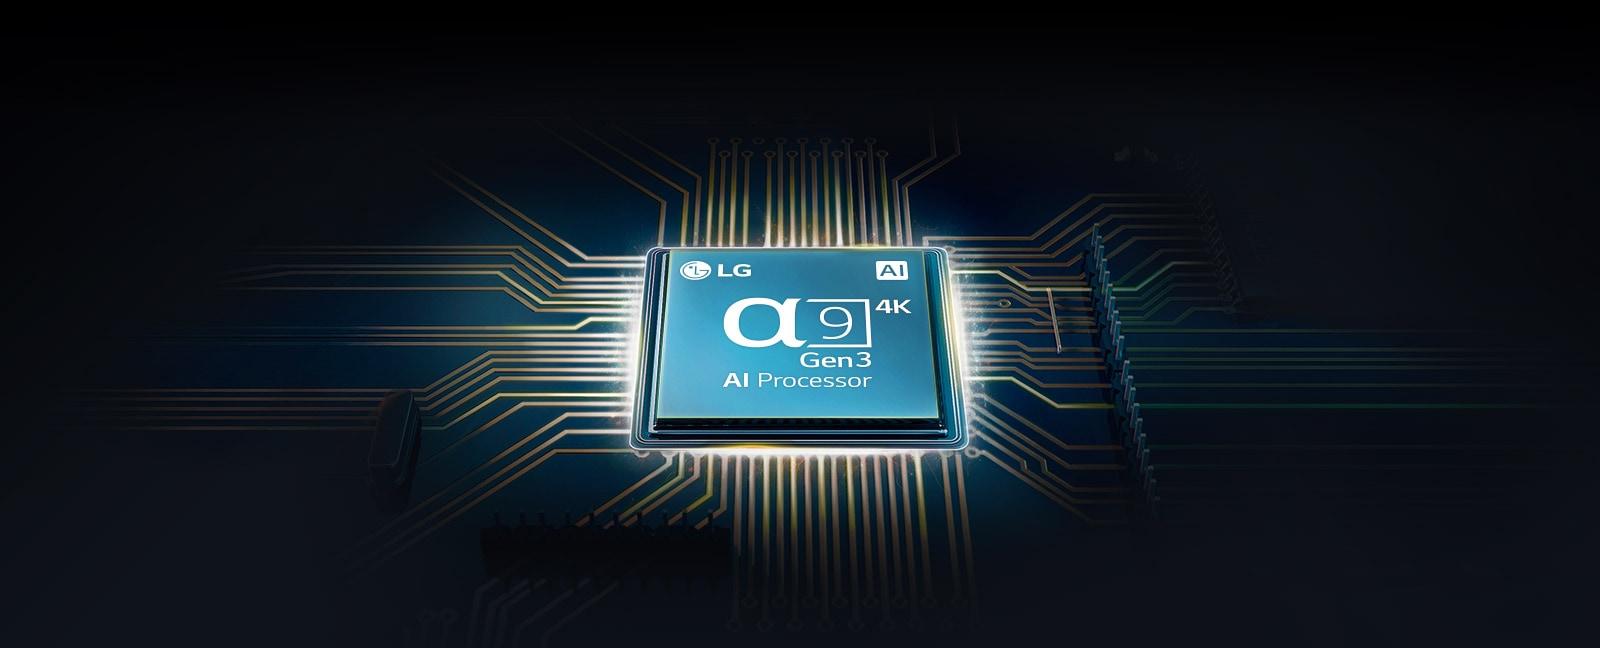 LG OLED65GXPTA α9 Gen3 AI Processor 4K